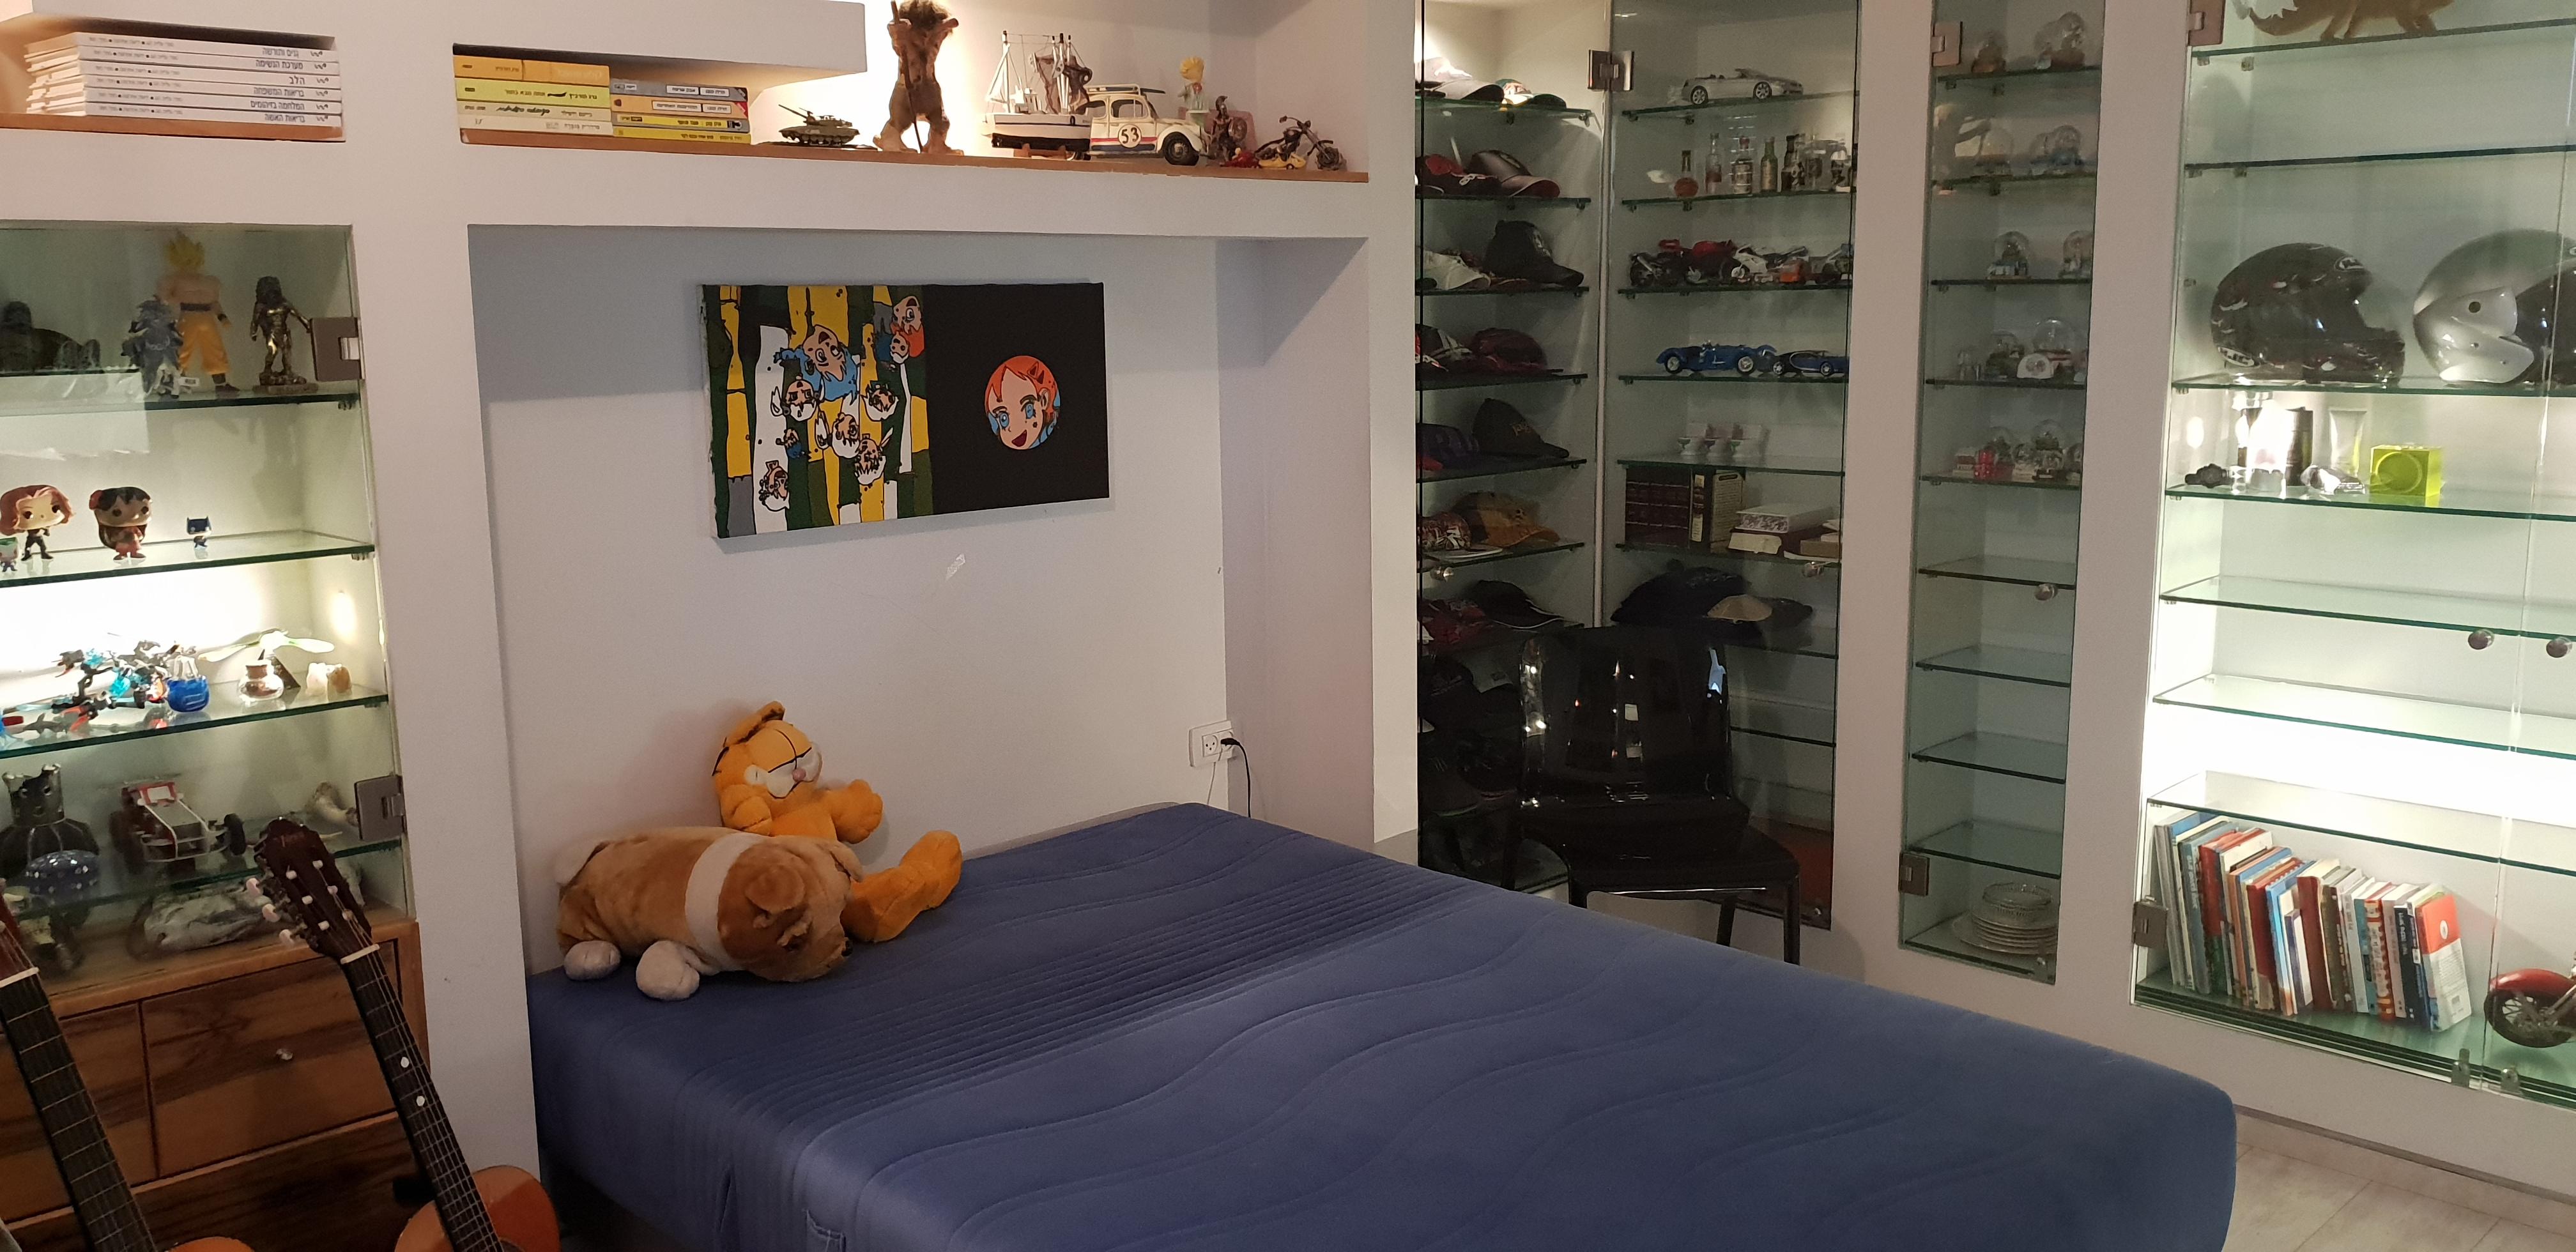 החדר של עילאי